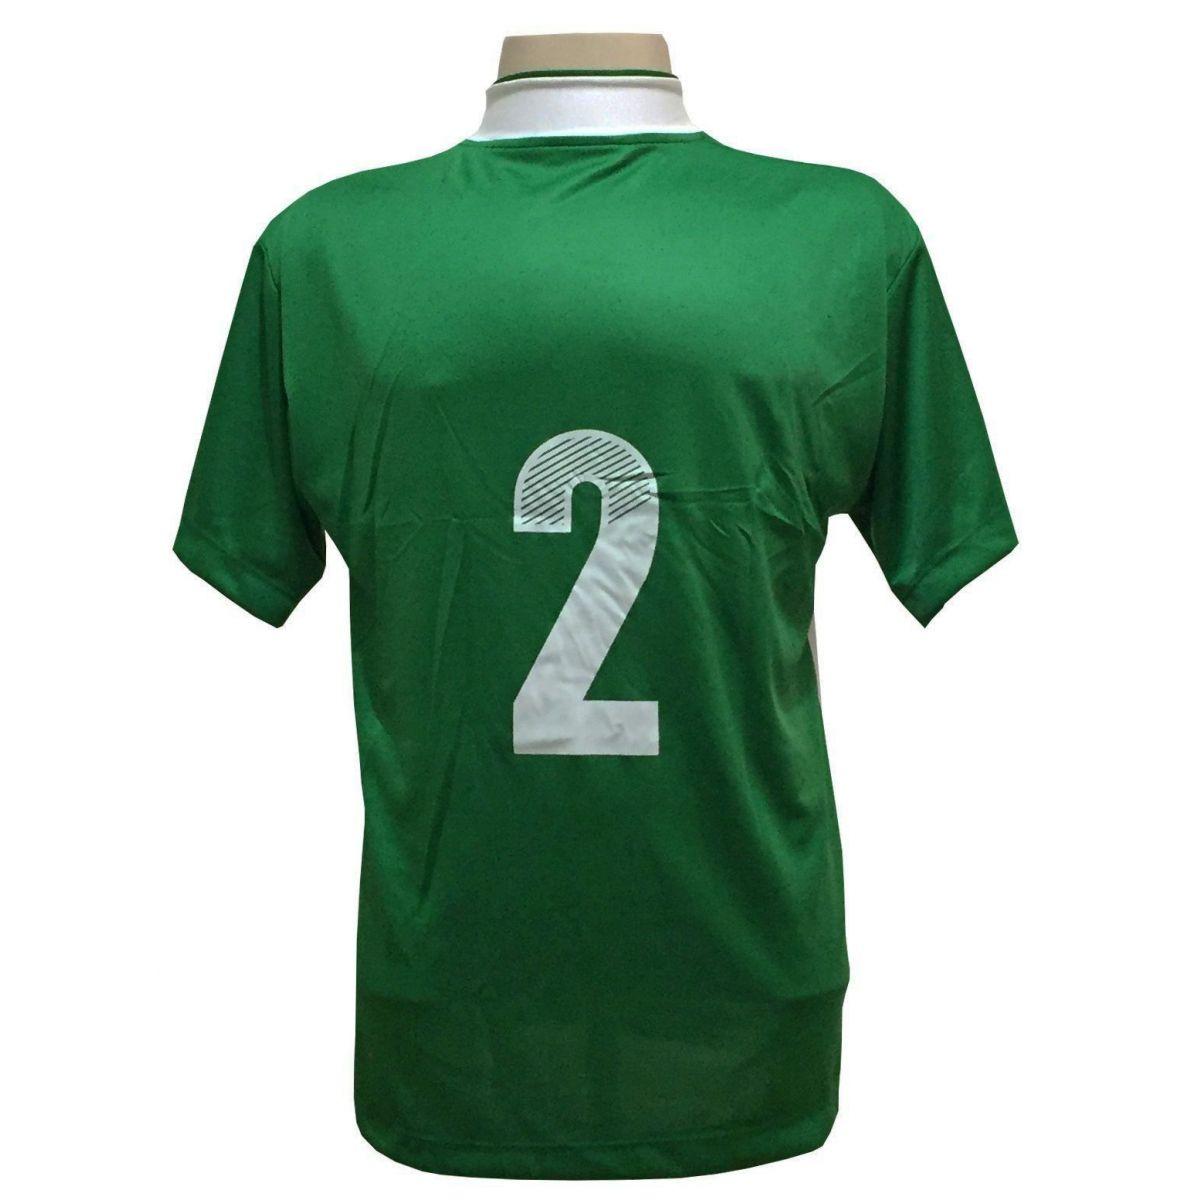 Uniforme Esportivo com 14 camisas modelo Suécia Verde/Branco + 14 calções modelo Madrid Verde + Brindes